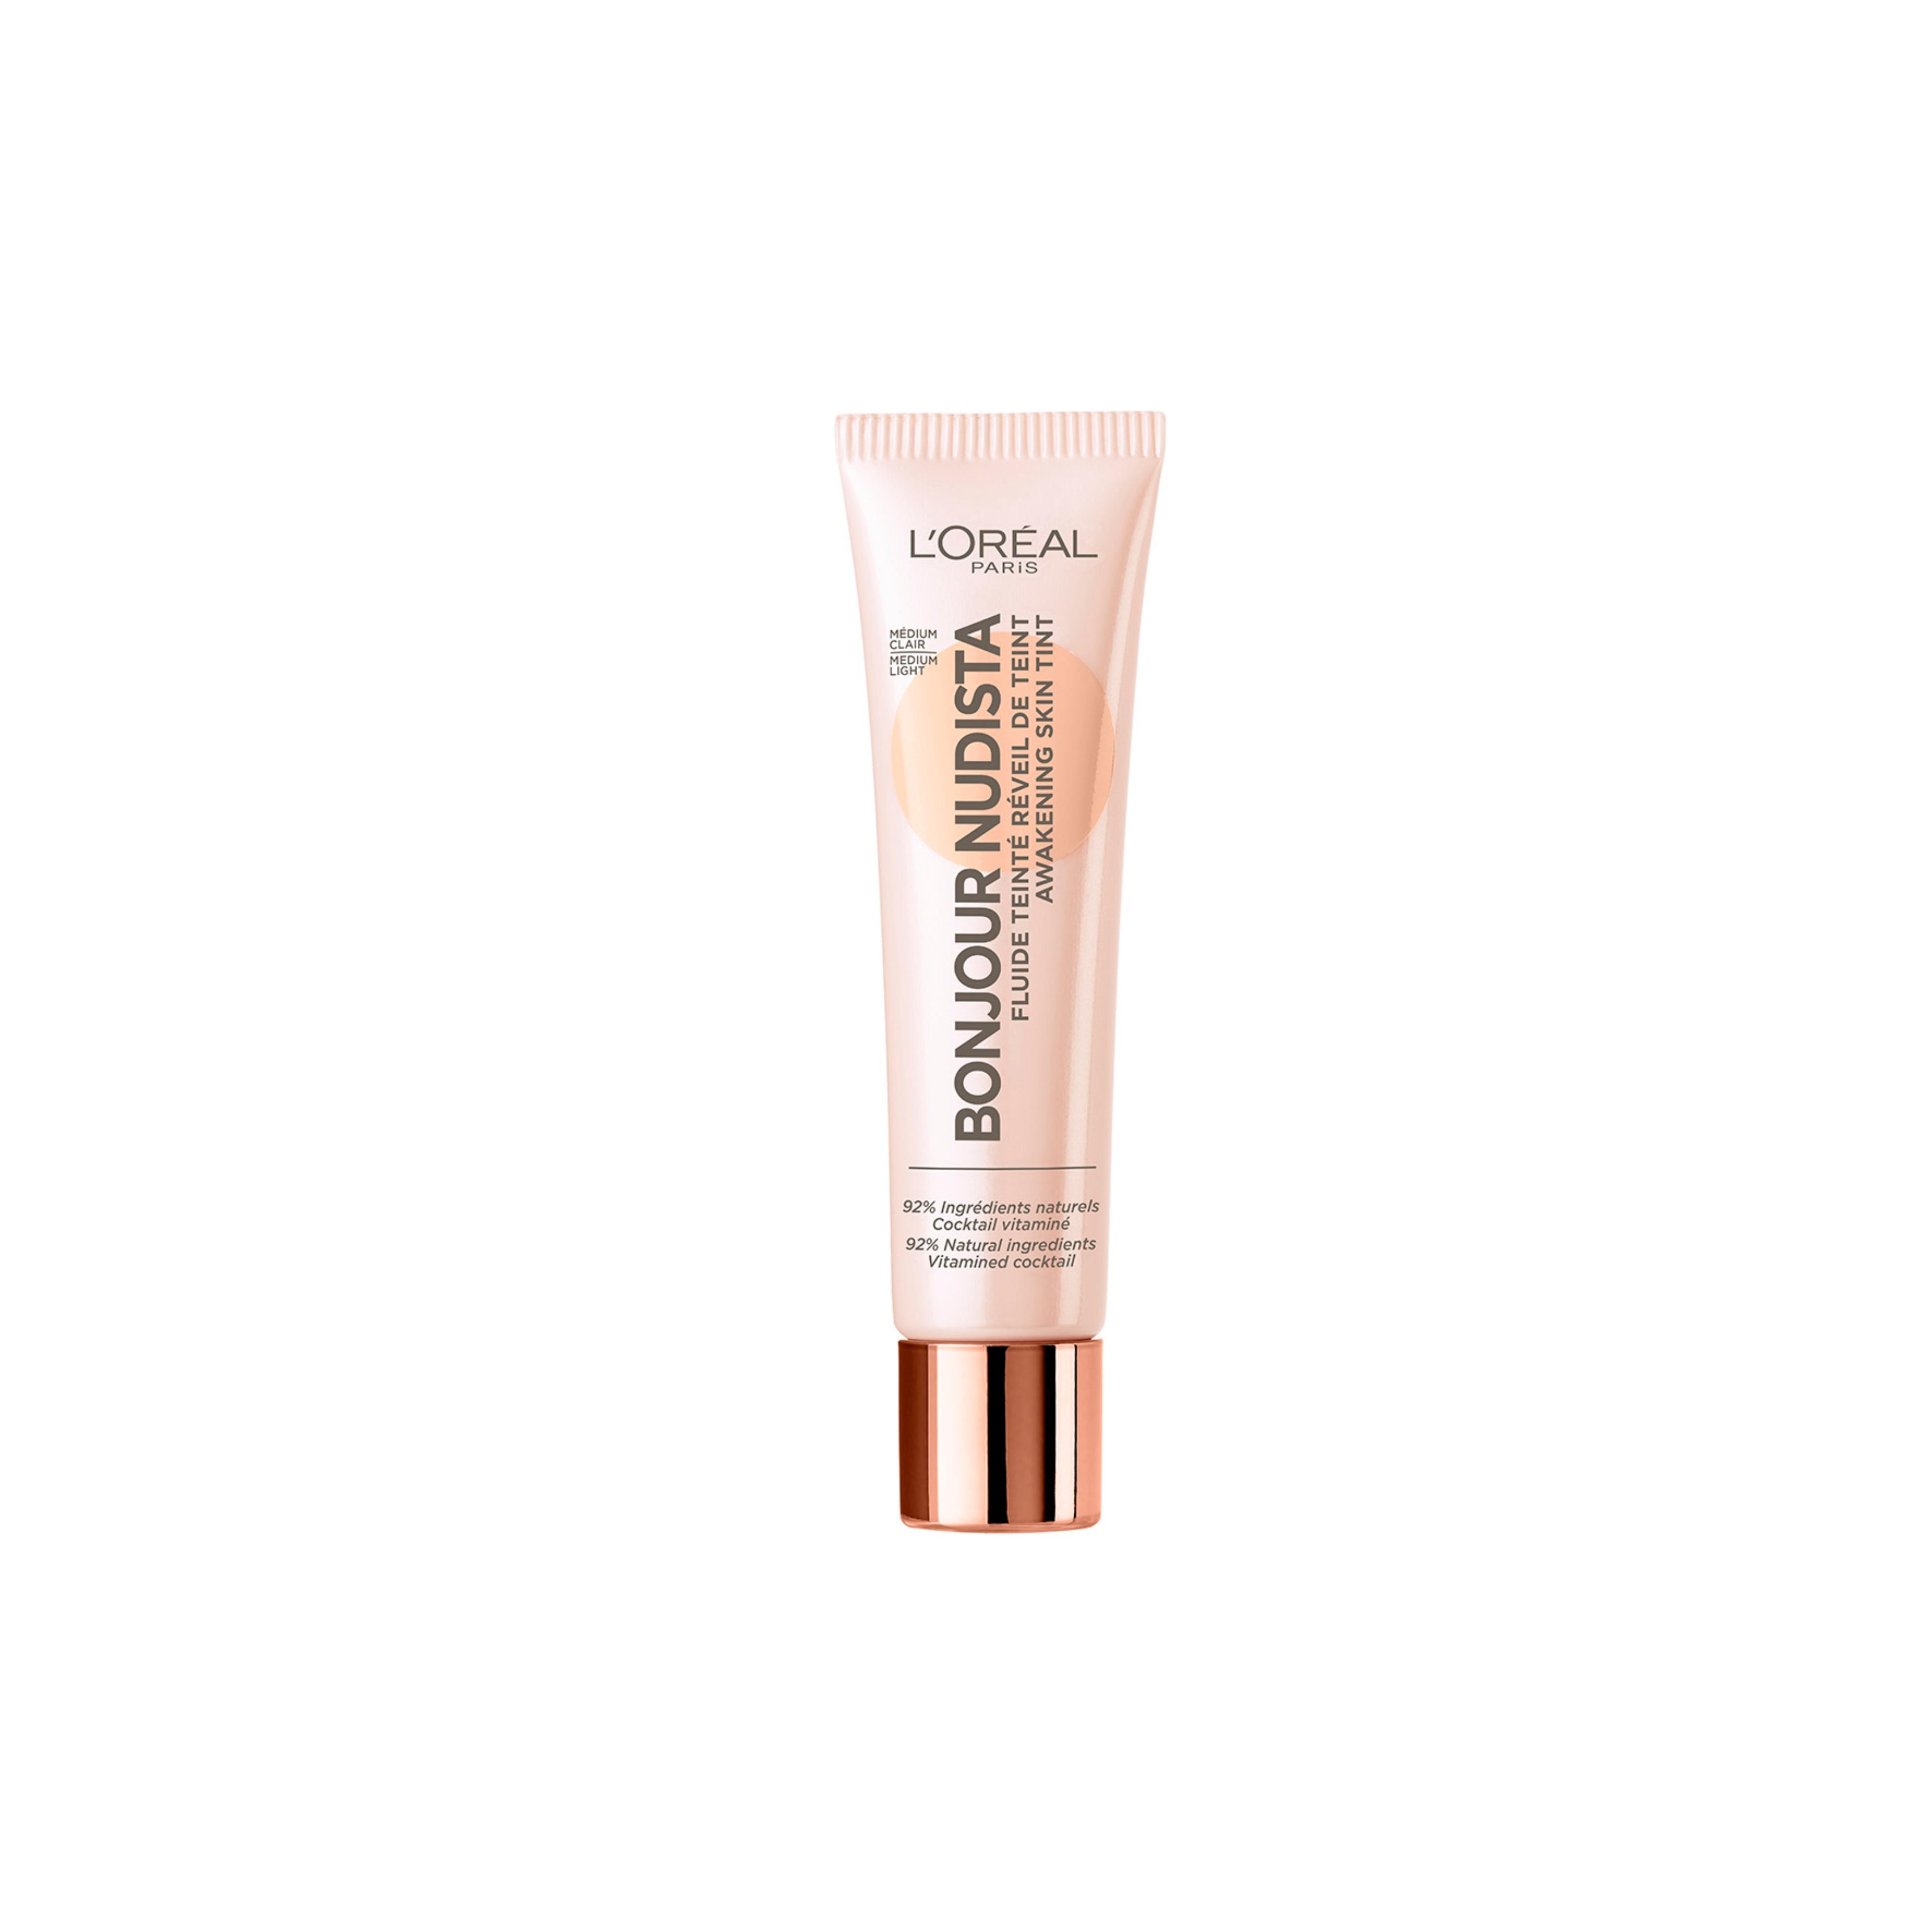 Bonjour Nudista BB Cream 2 Medium Light